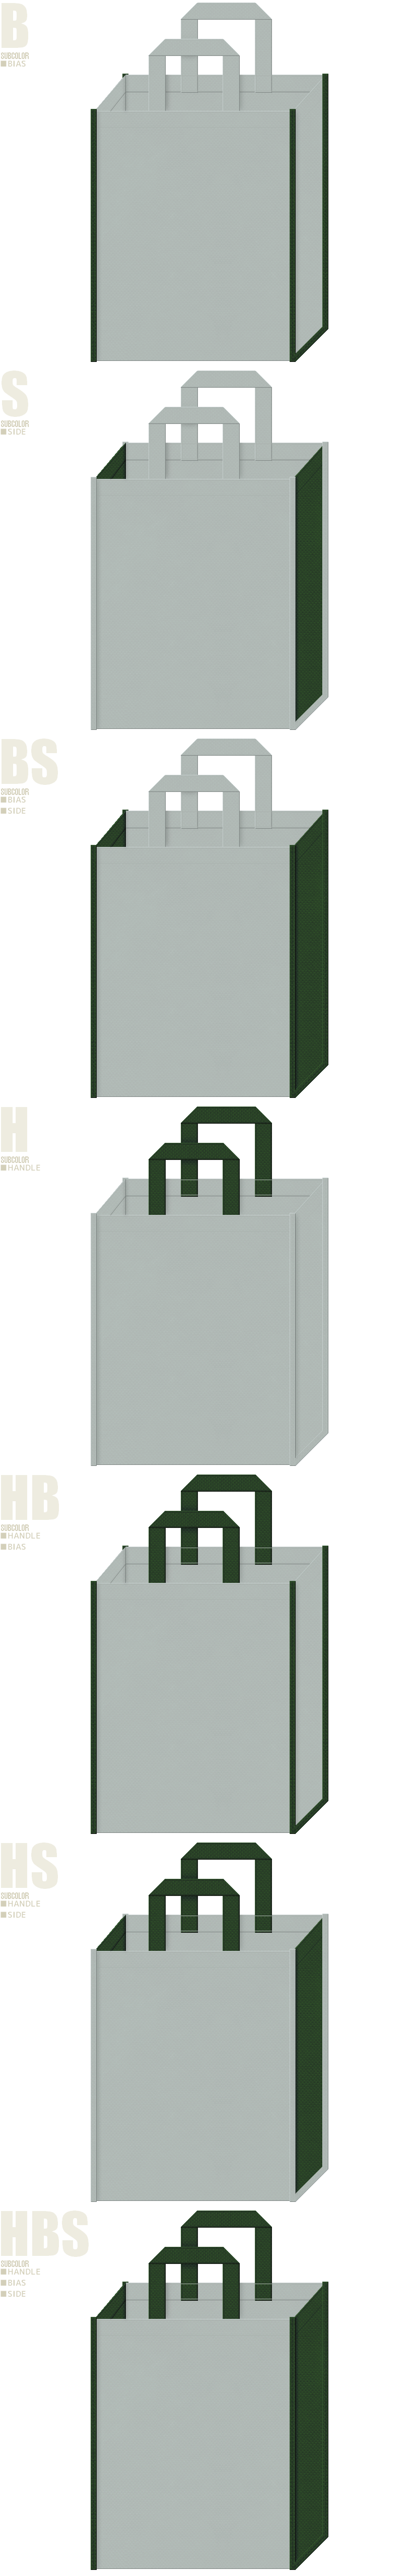 ワニ・緑化地域・緑化イベント・緑化ブロック・CO2削減・屋上緑化・壁面緑化・建築・設計・エクステリア・電子基盤・電子部品の展示会用バッグにお奨めの不織布バッグデザイン:グレー色と濃緑色の配色7パターン